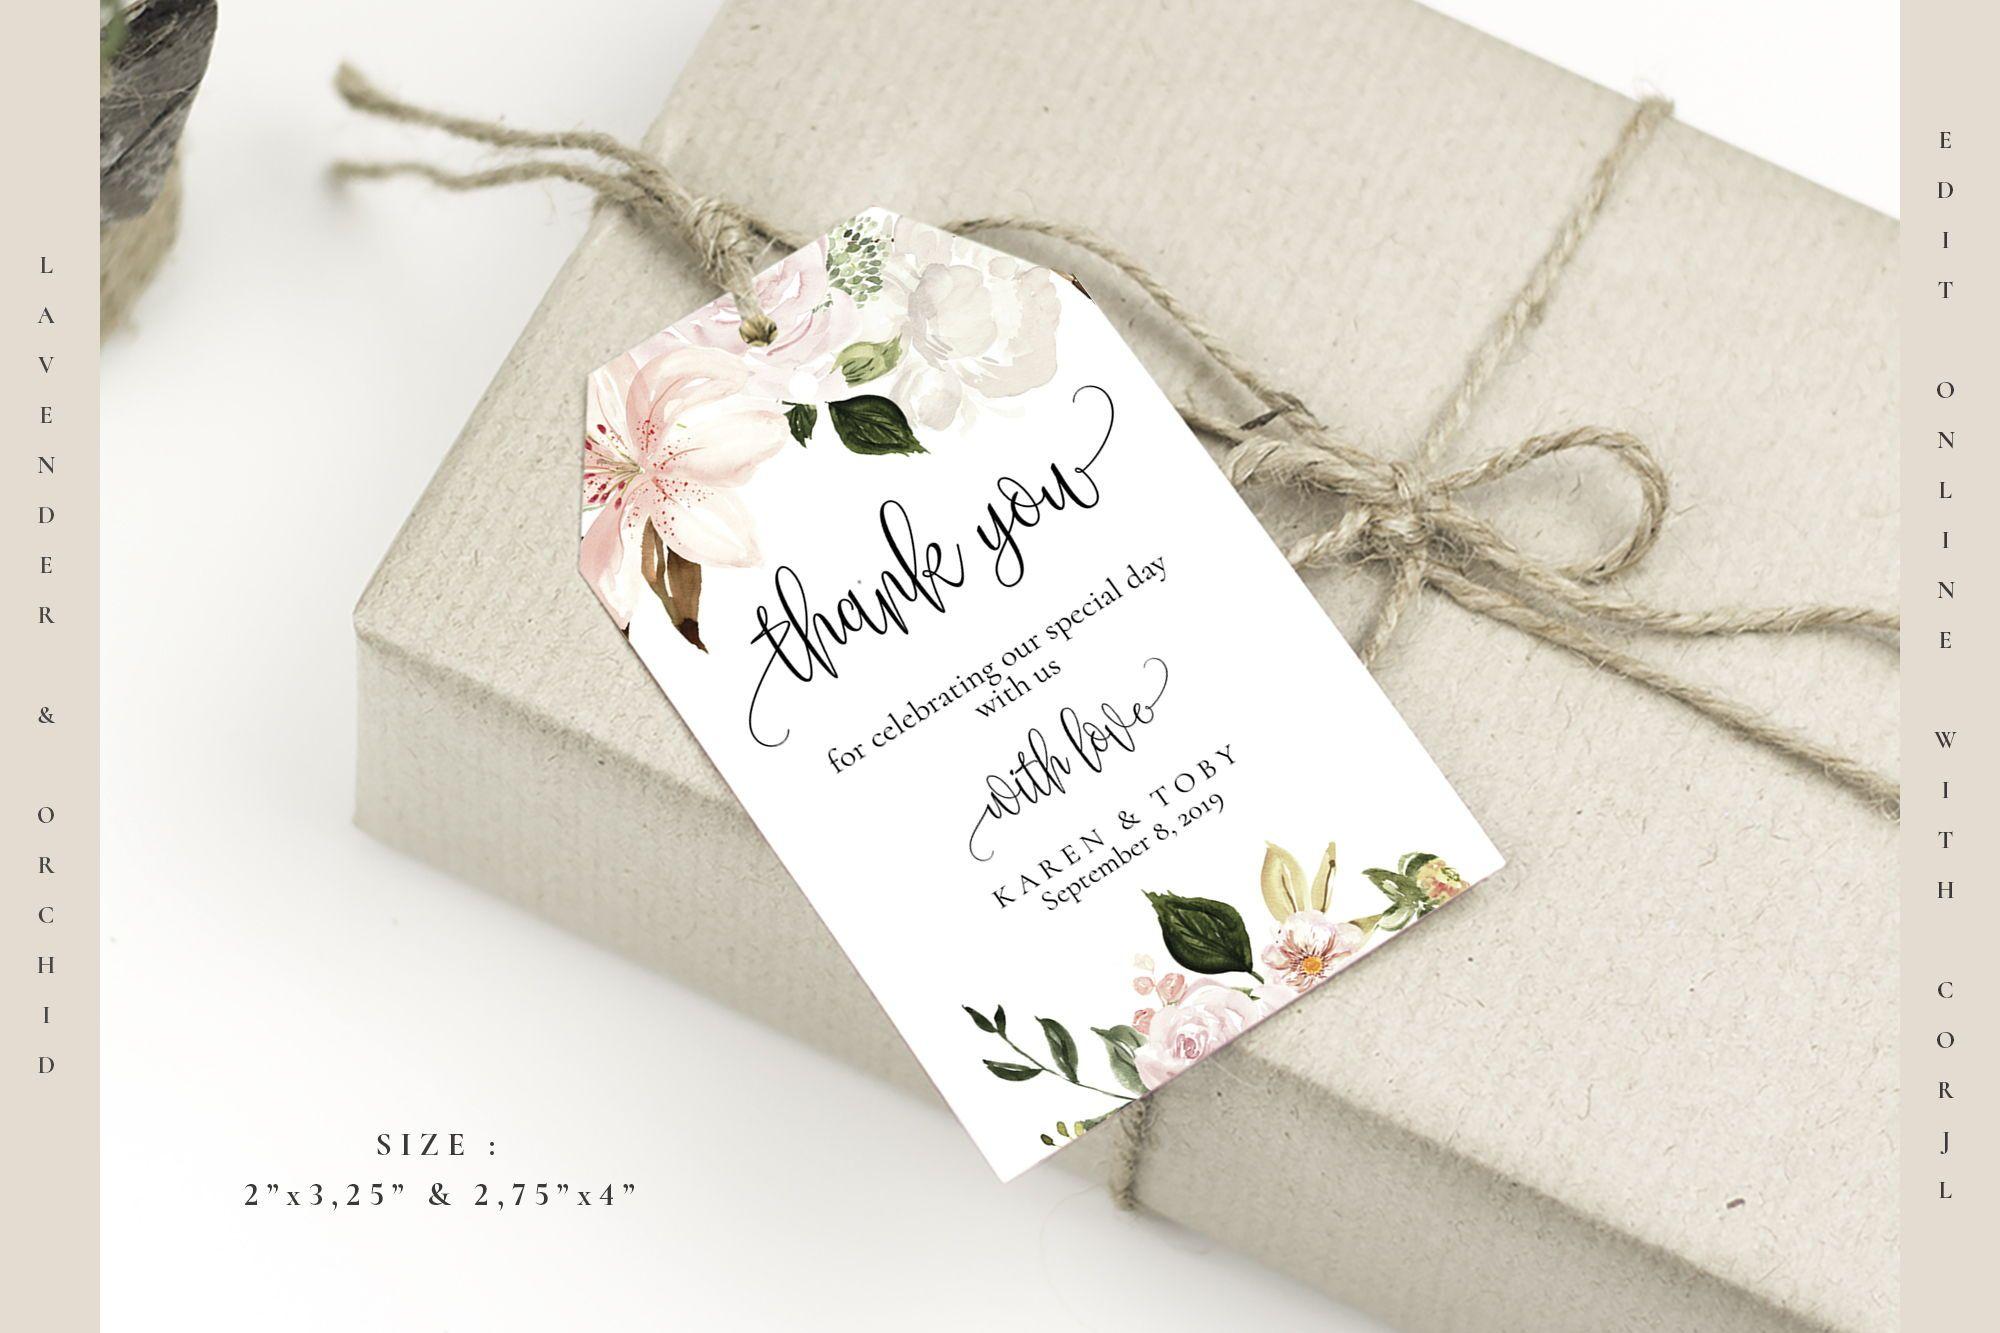 Printable Gift Tags For Wedding Favors